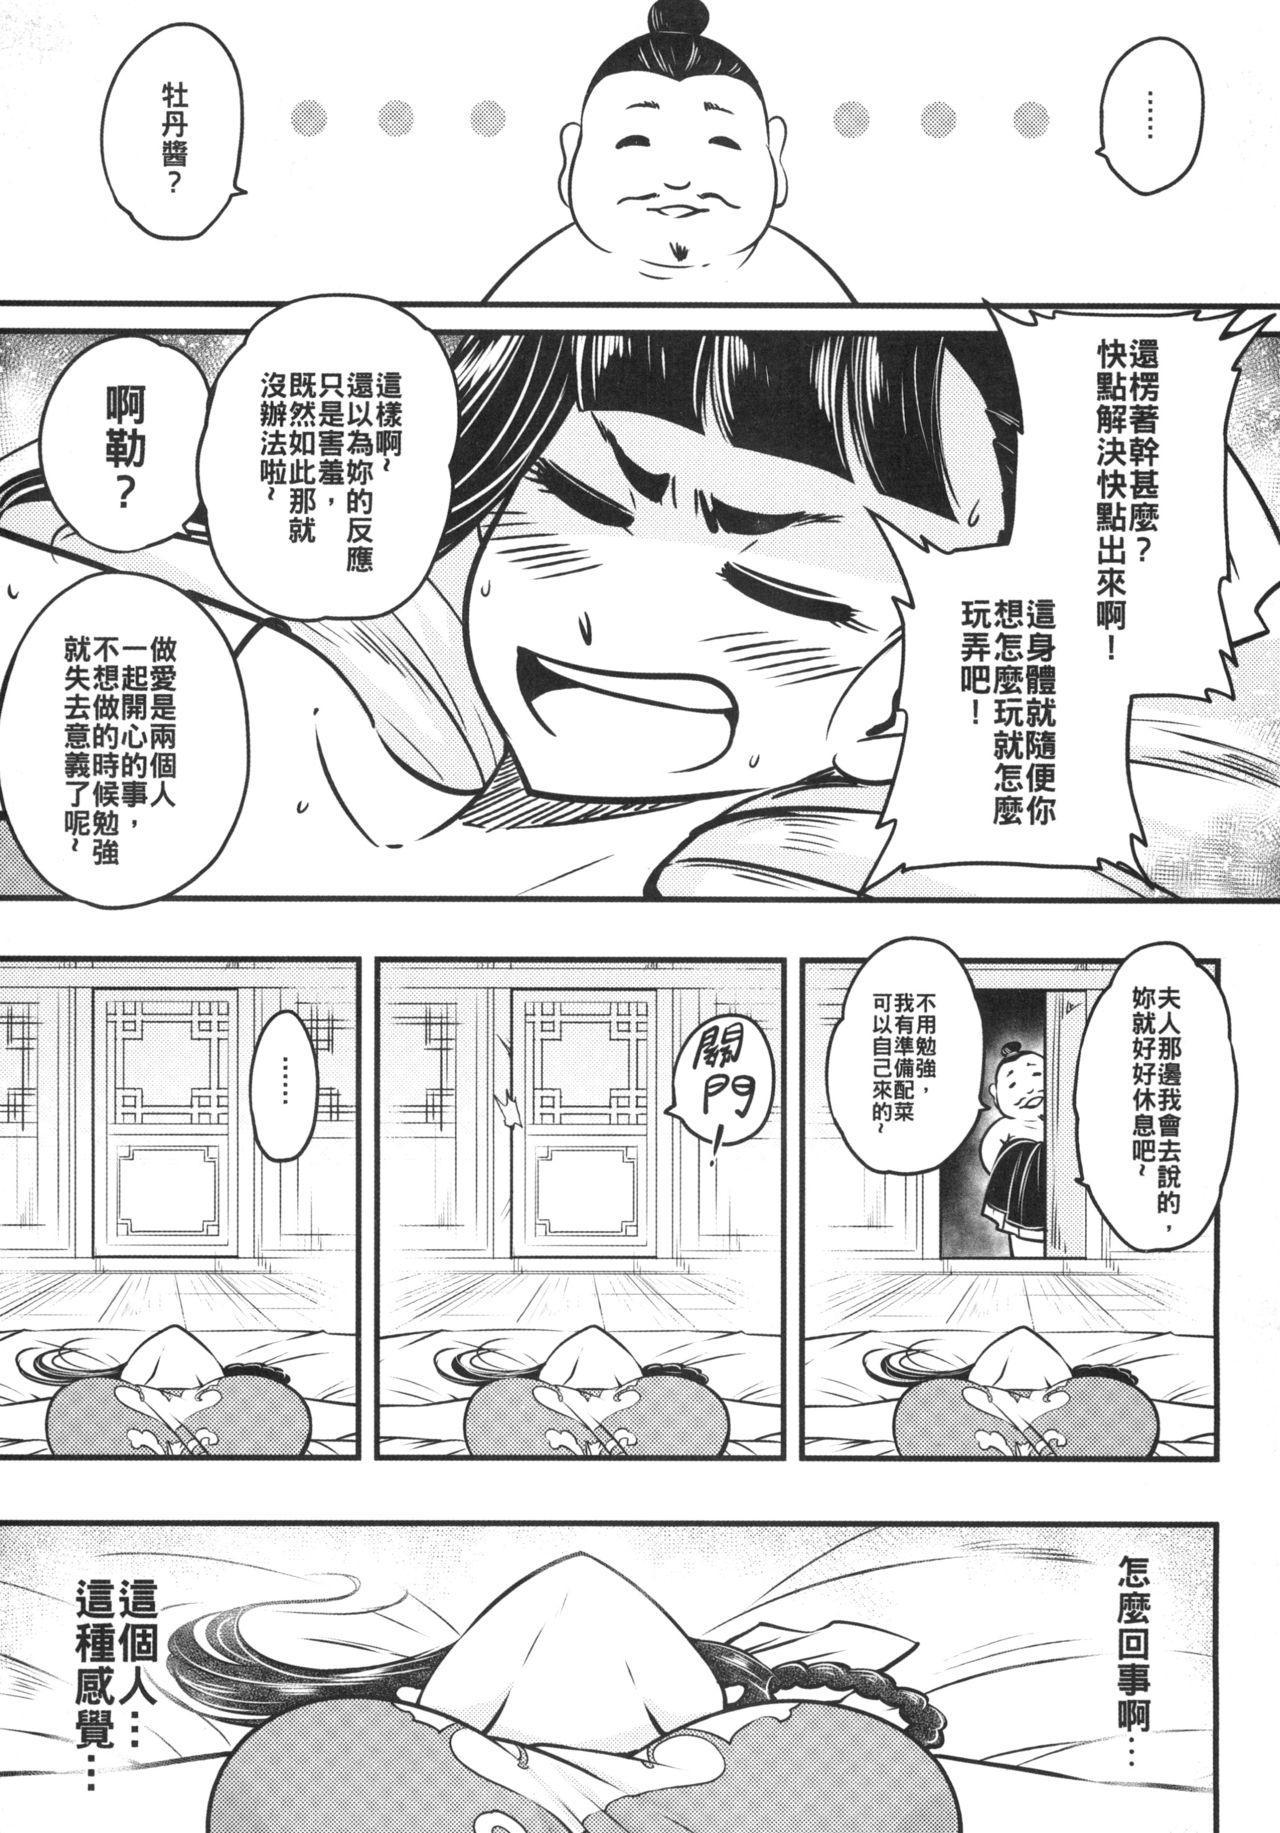 Hyakkasou3 《Hekigan rasetsu no gyakushuu》 4